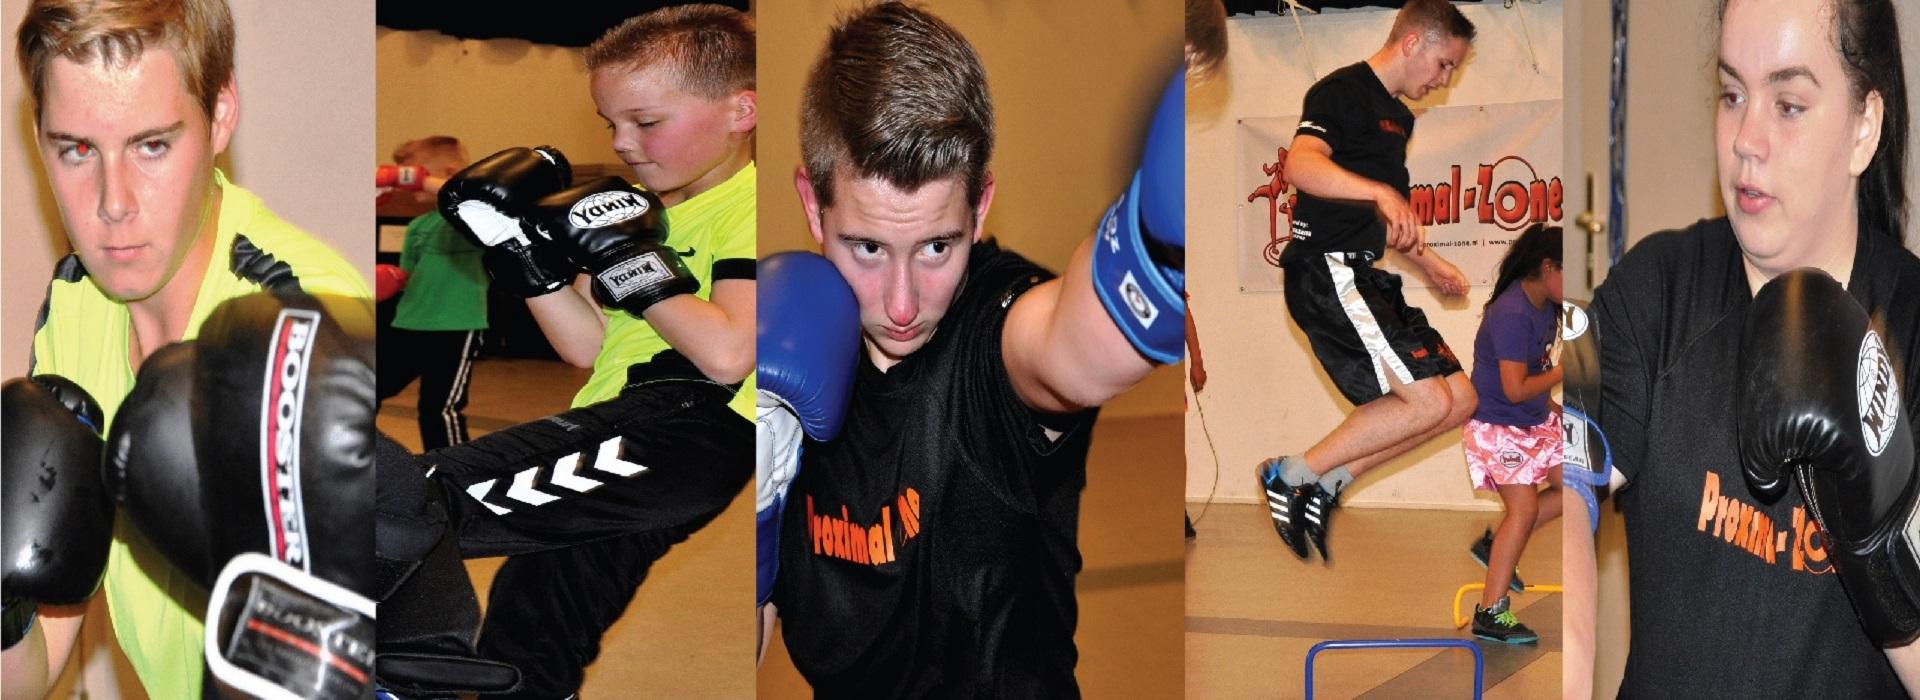 ProximalZone boksen kickboksen Hoorn Grote Waal